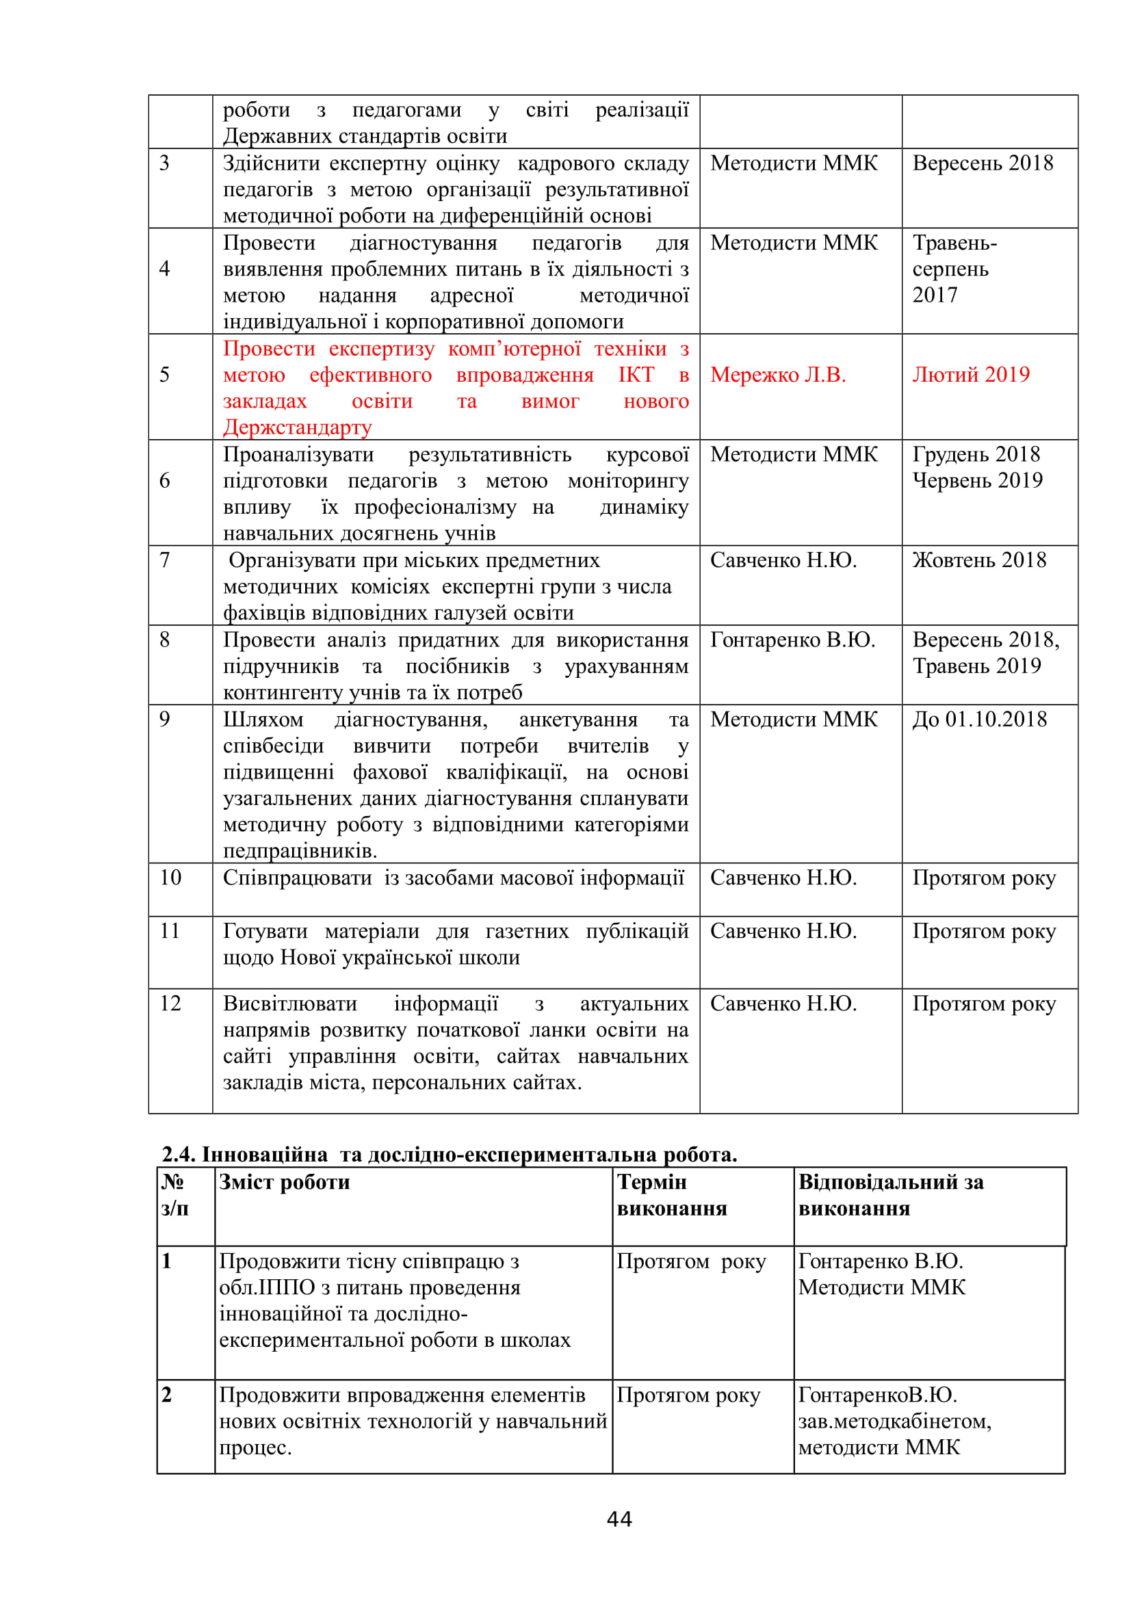 Костянтинівка 2018-2019 - ММК план роботи-45